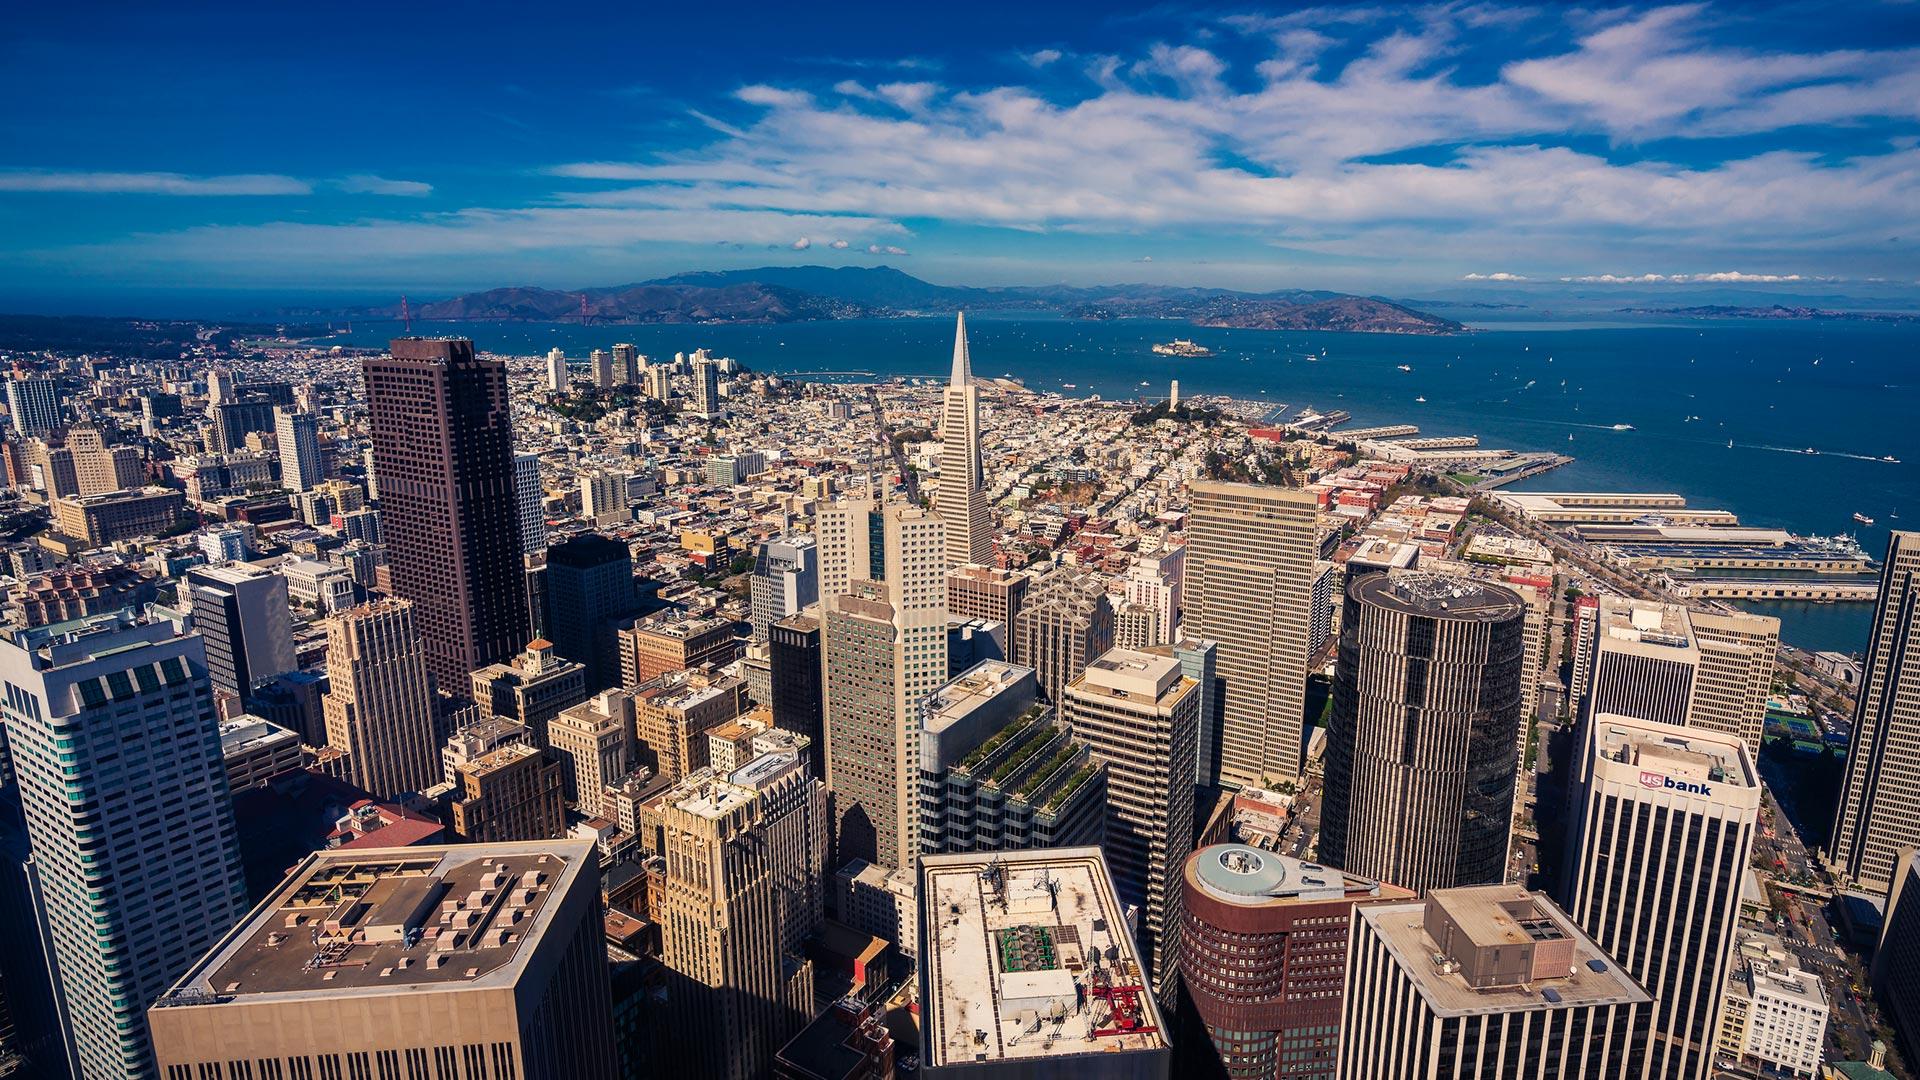 Arquitectura - FOTOS y VÍDEOS 360 para descargar - Descargas360.com